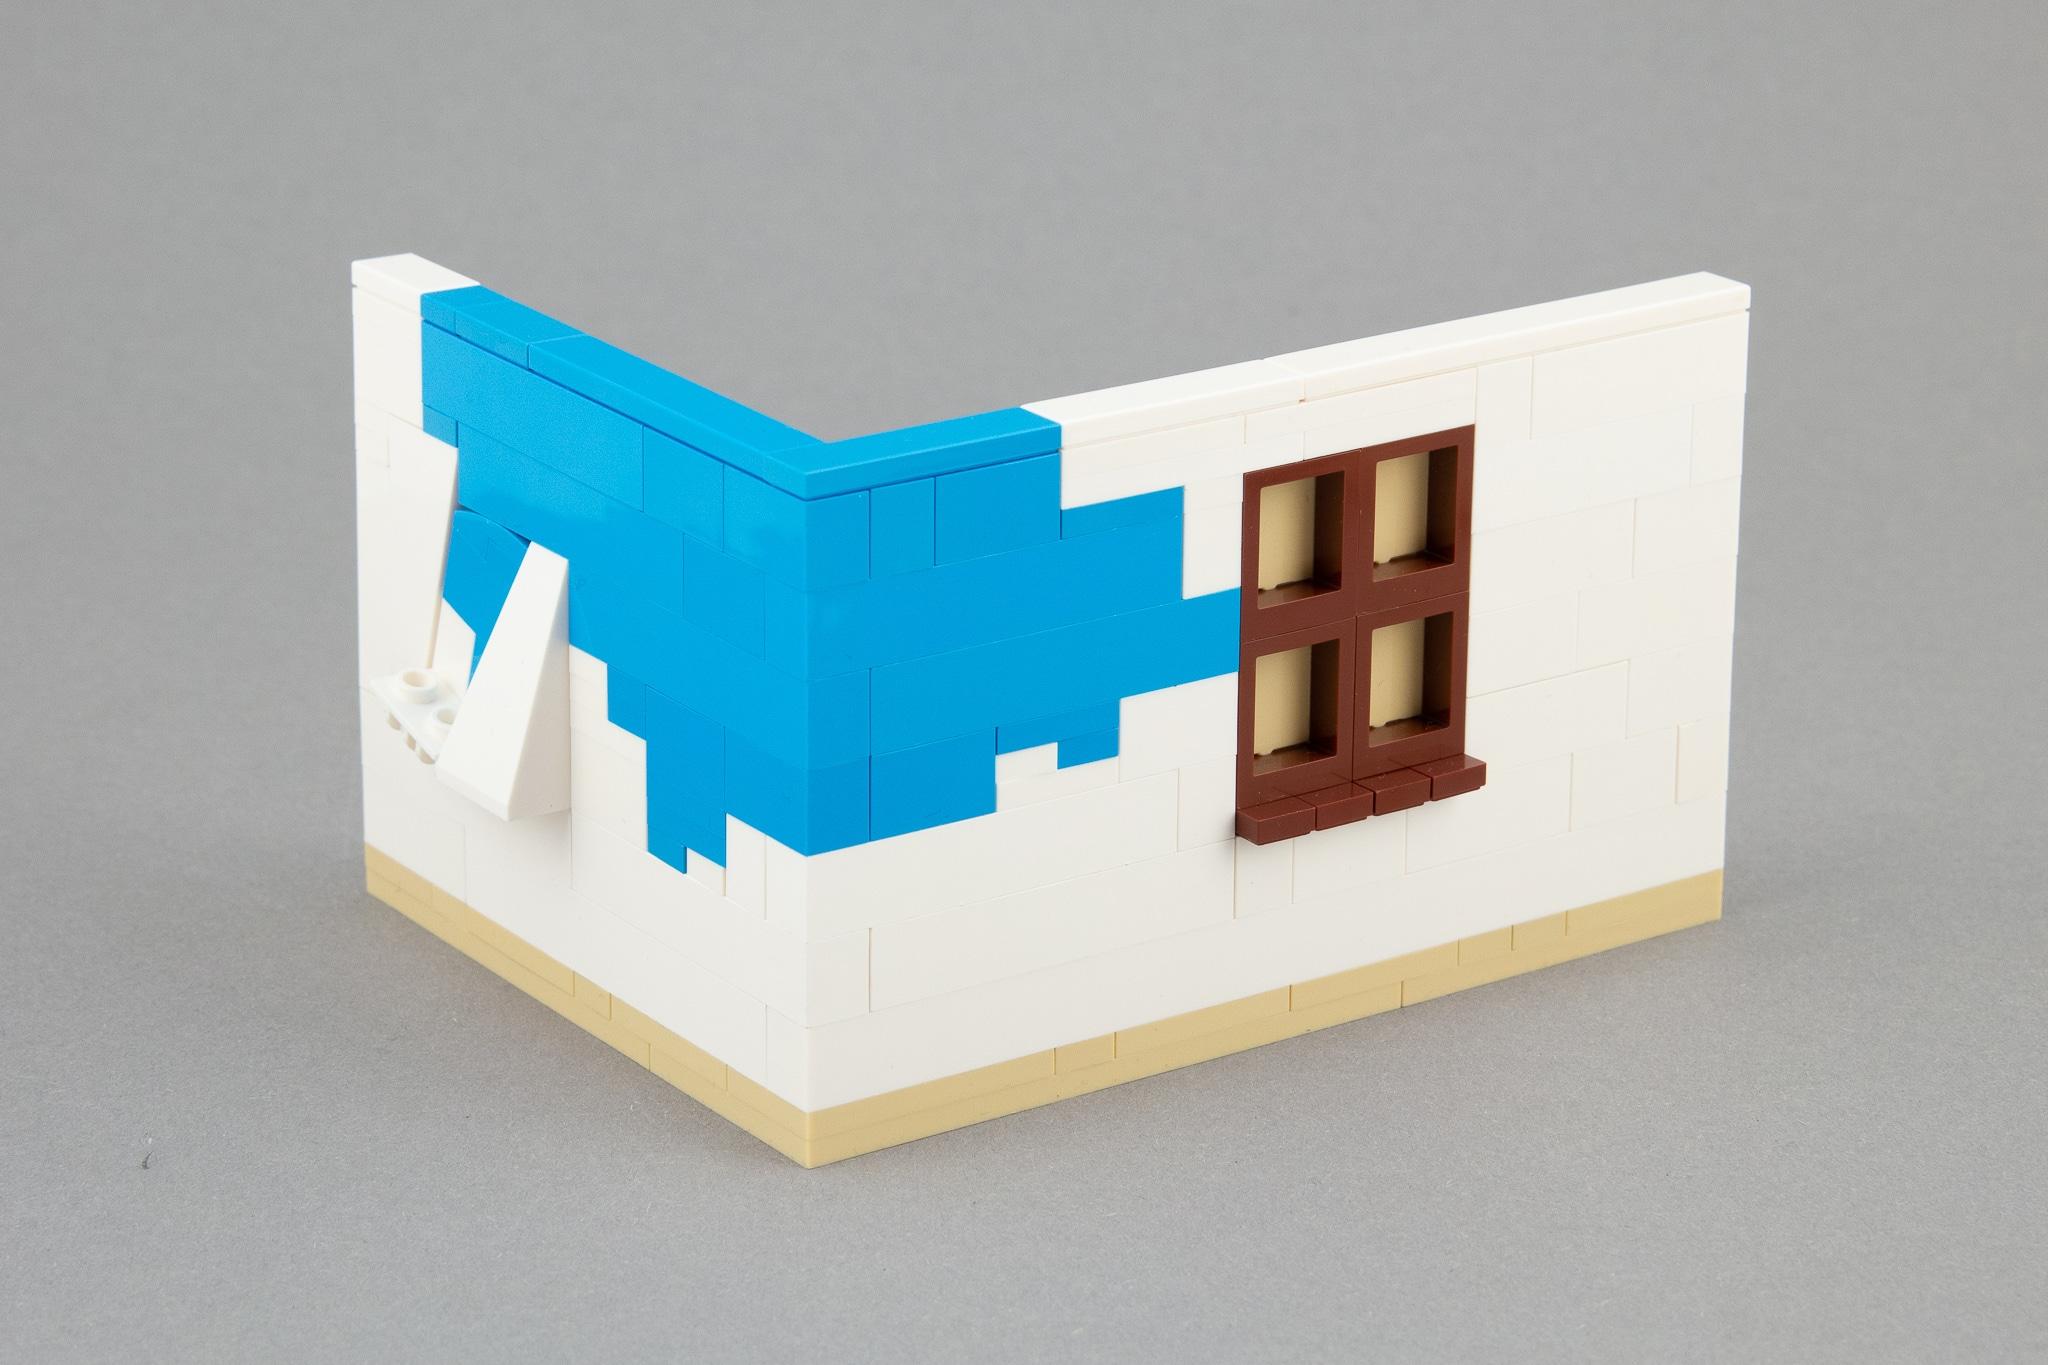 LEGO Renovierung Moc (7)